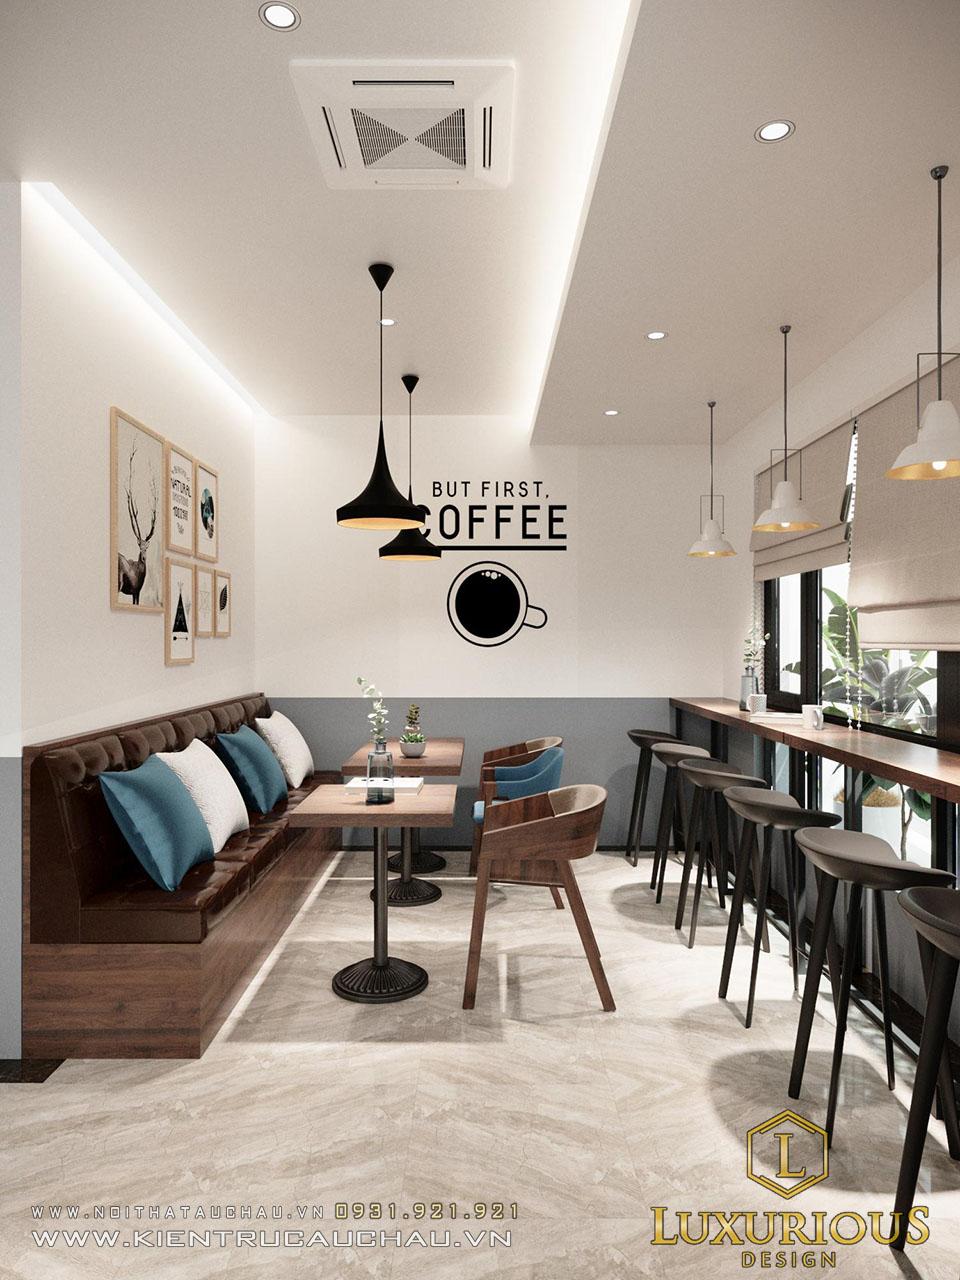 Thiết kế nội thất quận Cafe tầng 2